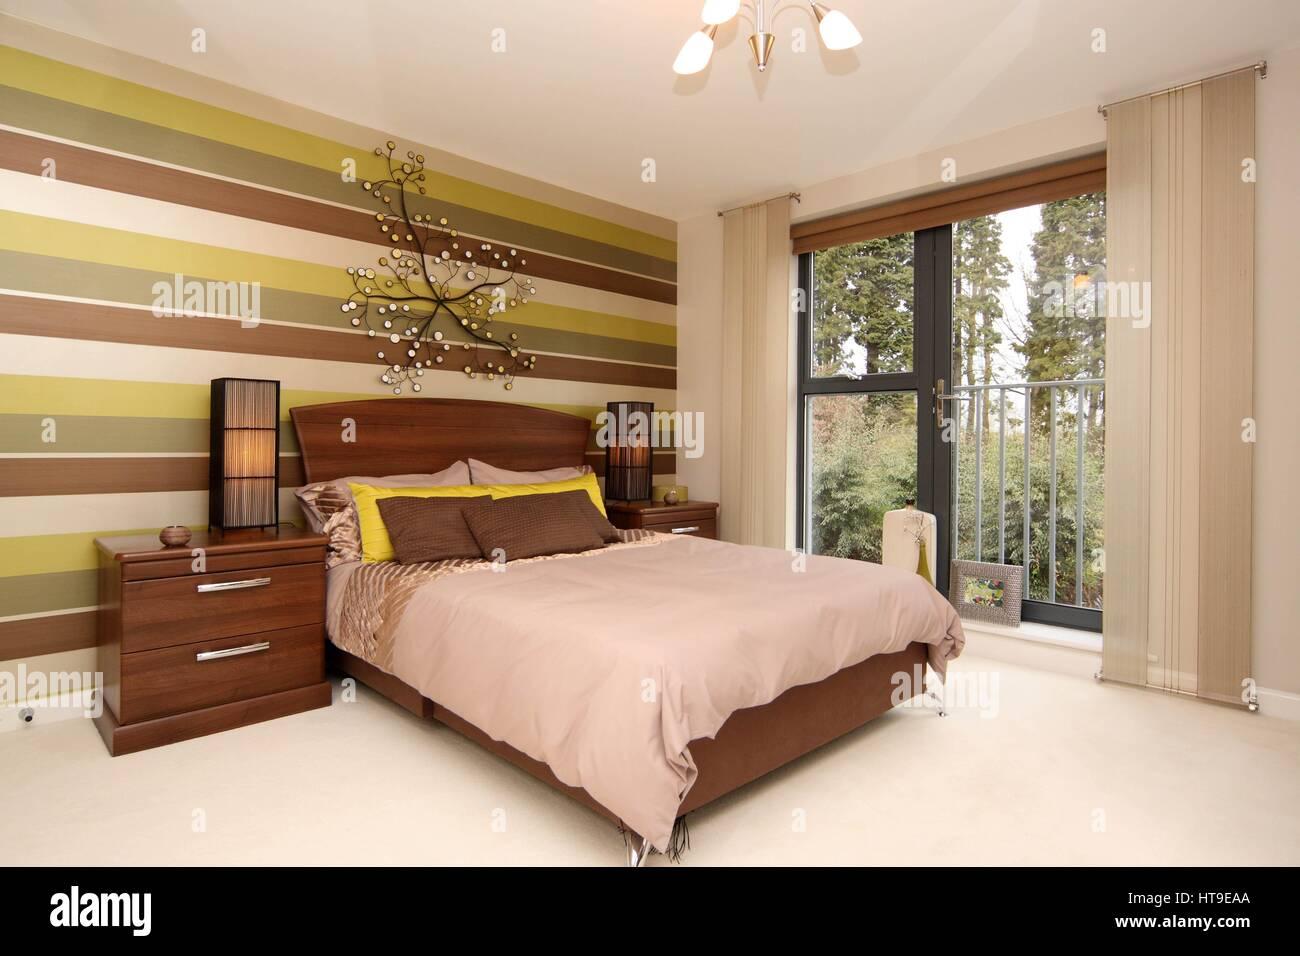 Arredamento Camera Da Letto Marrone : Home interno camera da letto dispongono di parete camera con